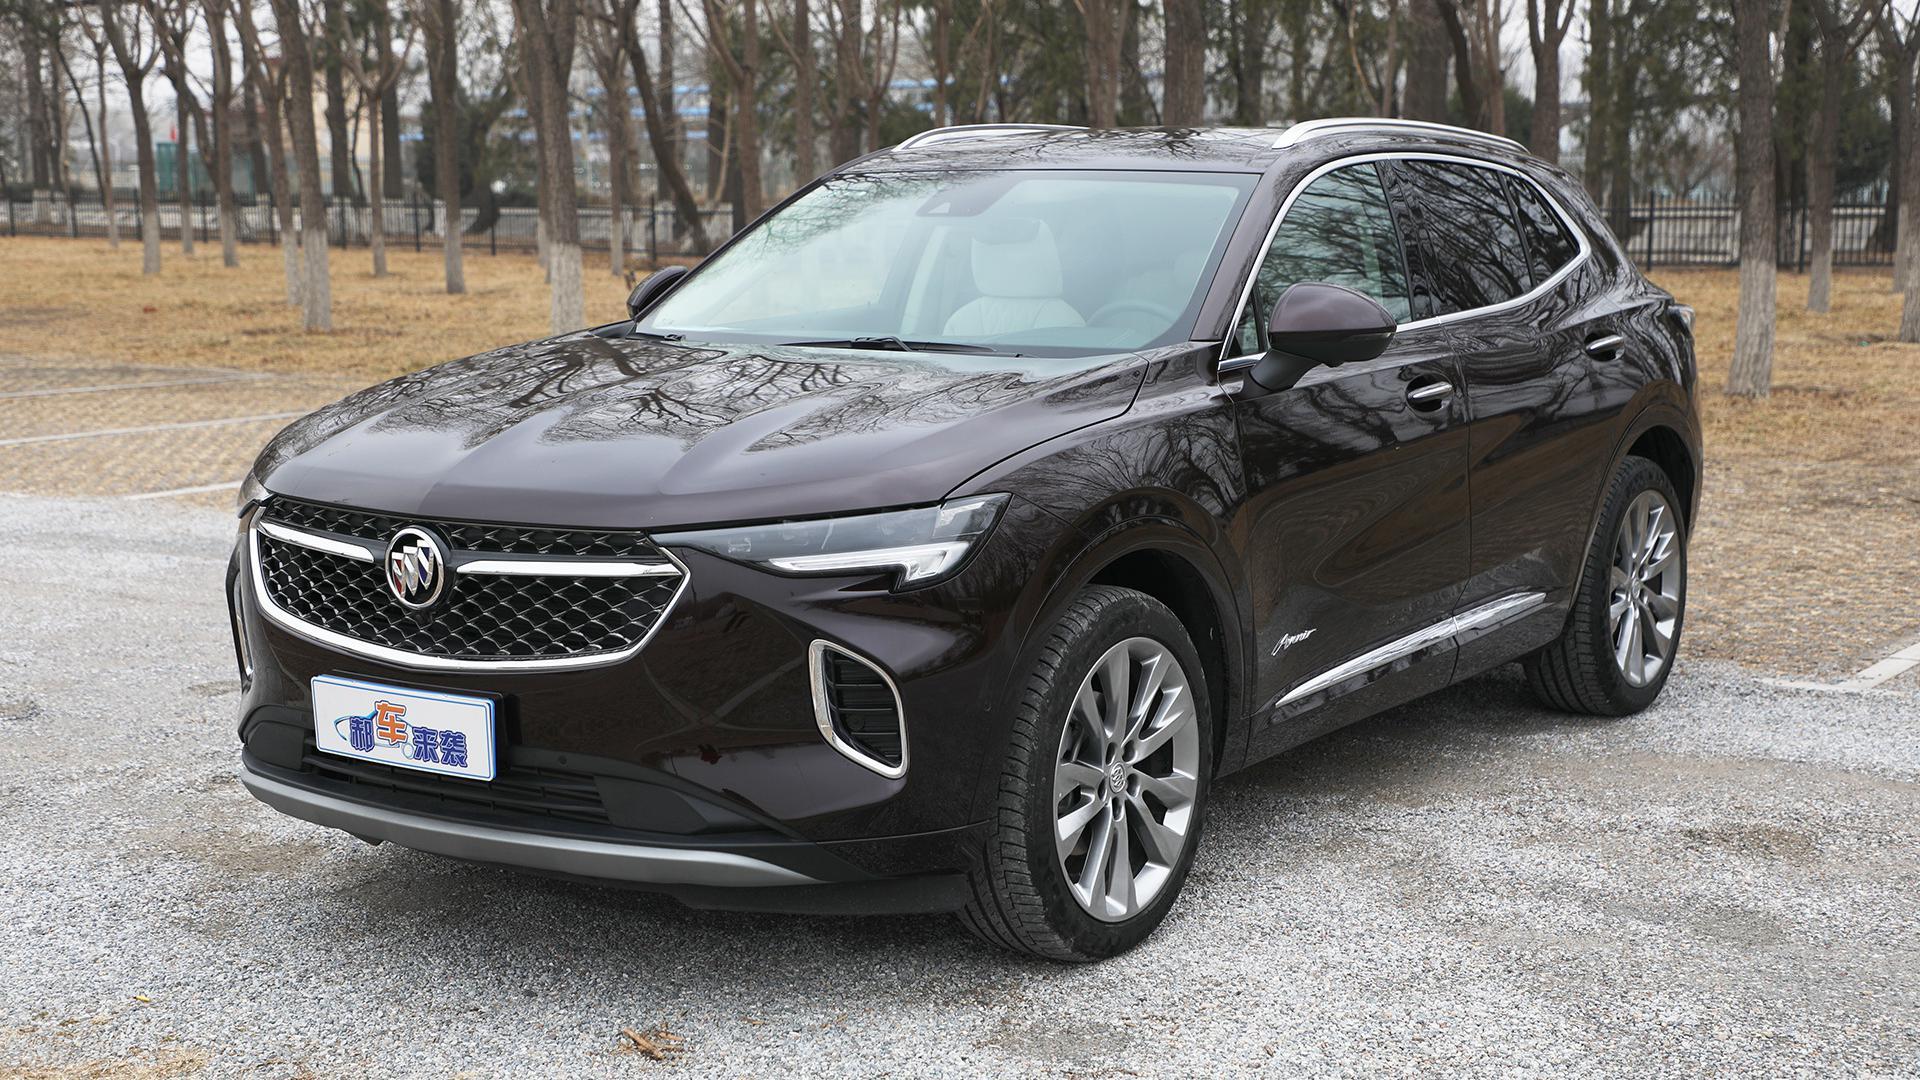 新车售价不到22万起,何为艾维亚版?2020款别克昂科威S亮点解析